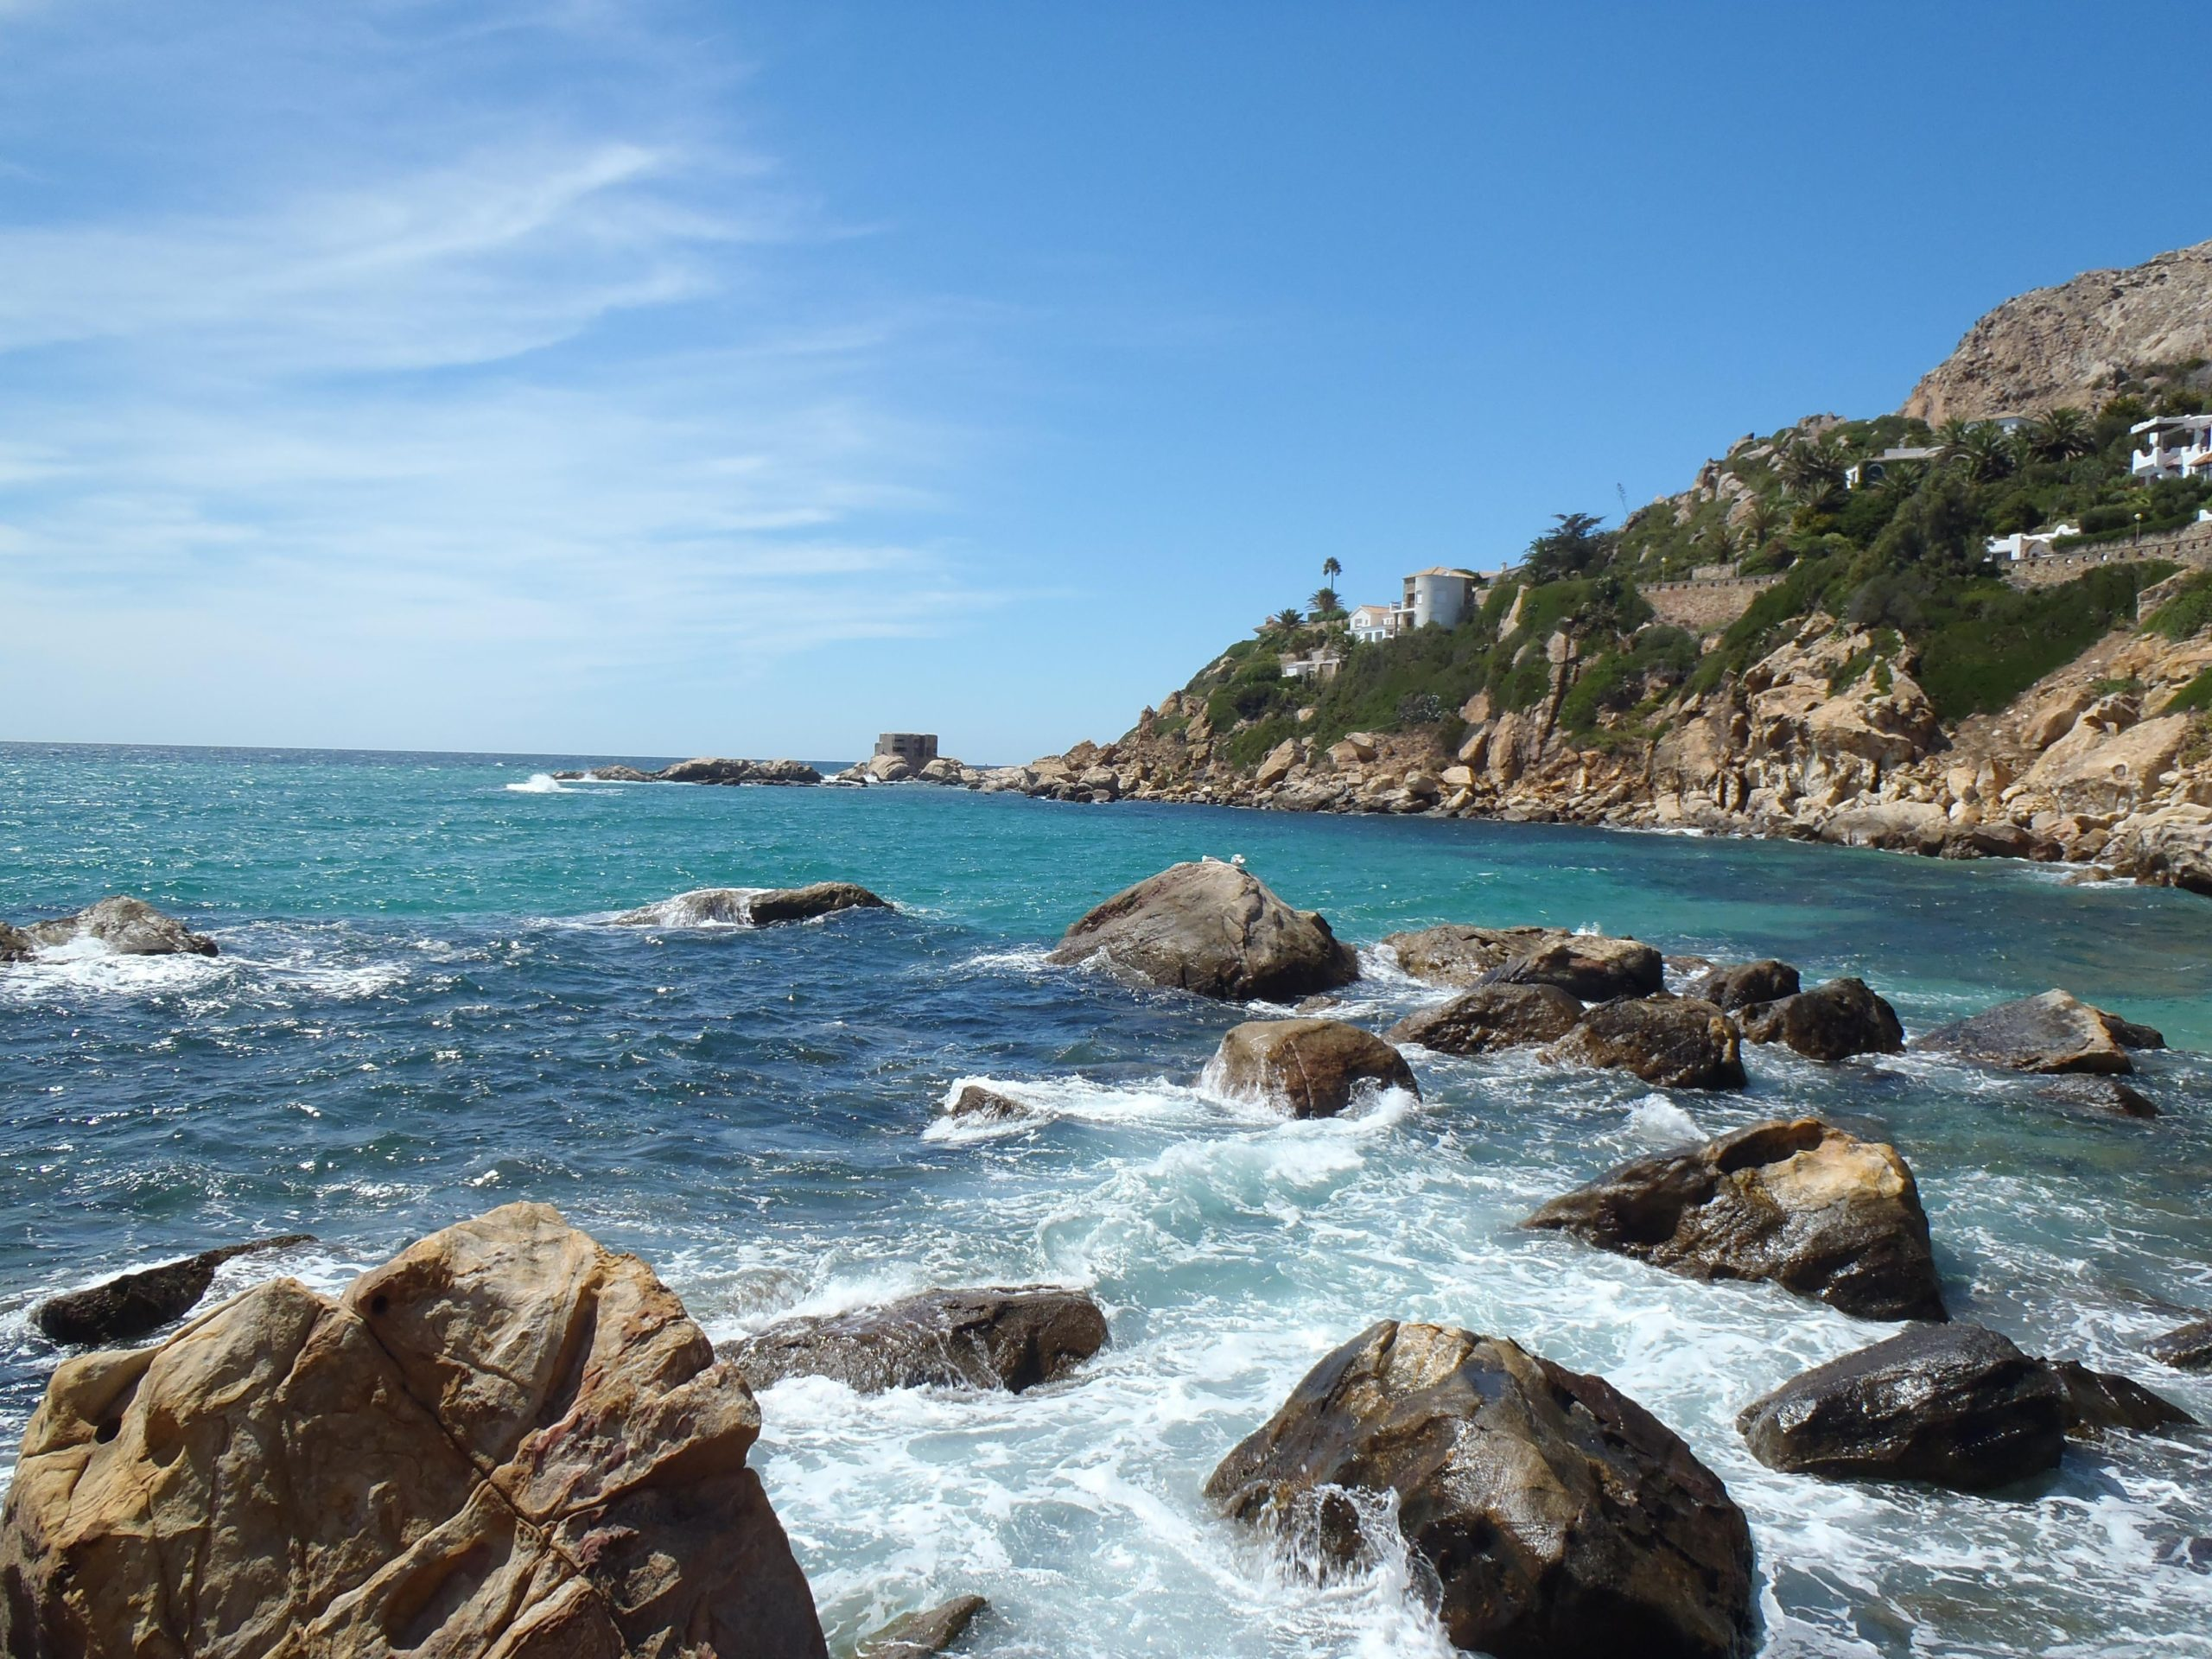 5 Playas Espectaculares De Cádiz Te Esperan Este Fin De Semana La Guía Go